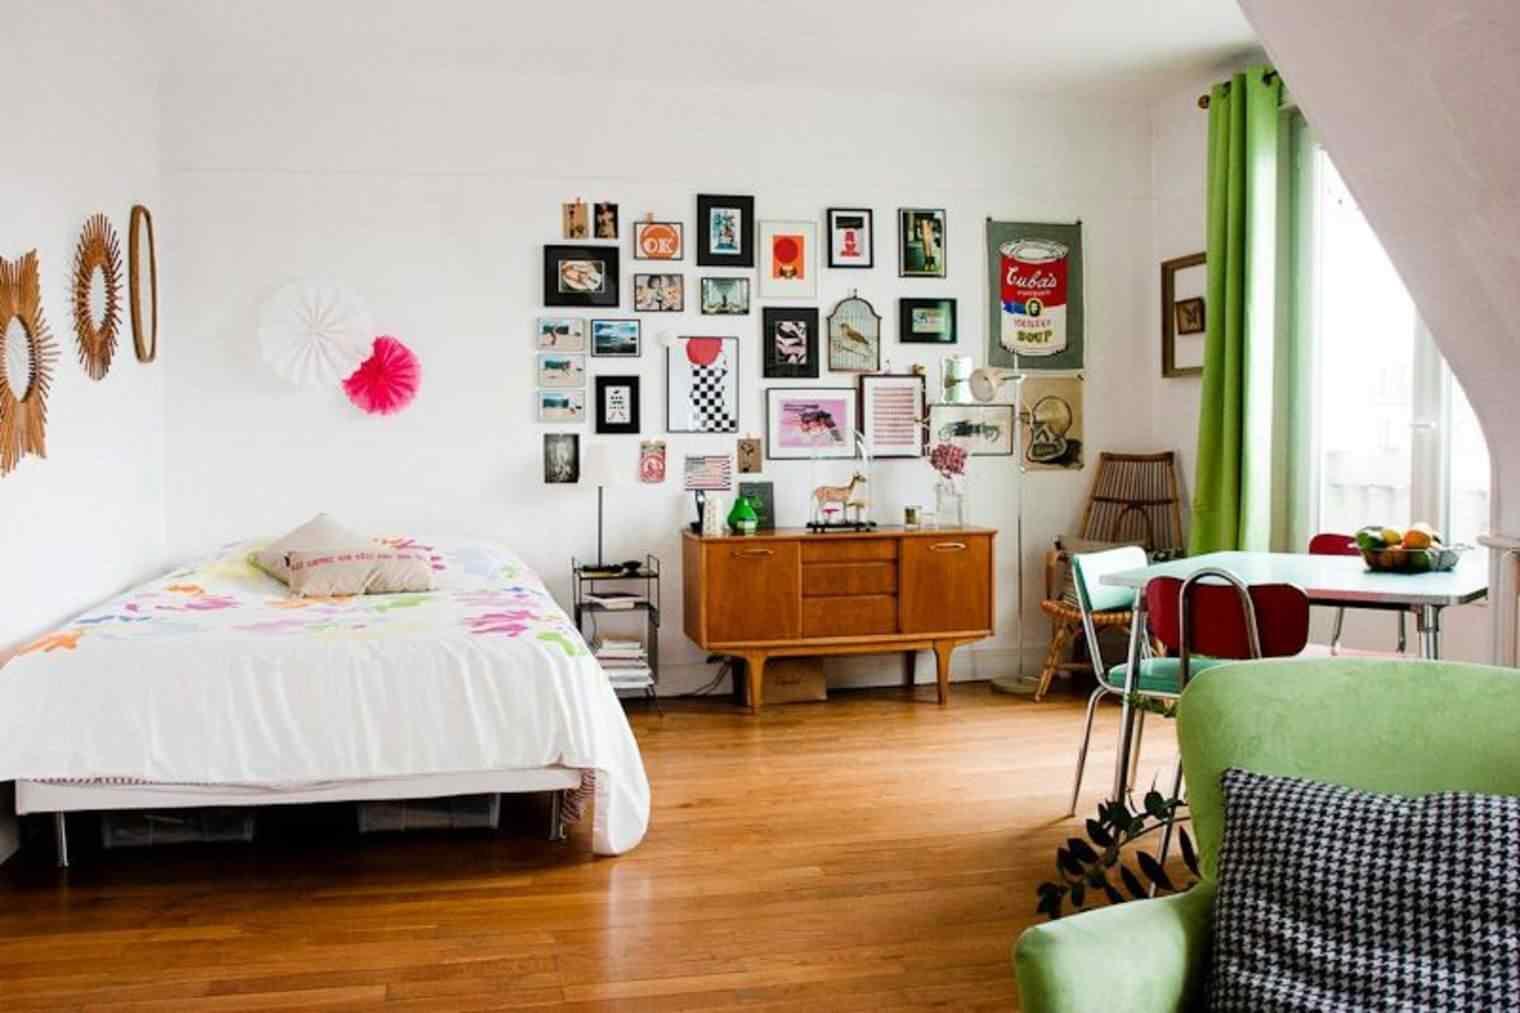 muro con fotos (3)